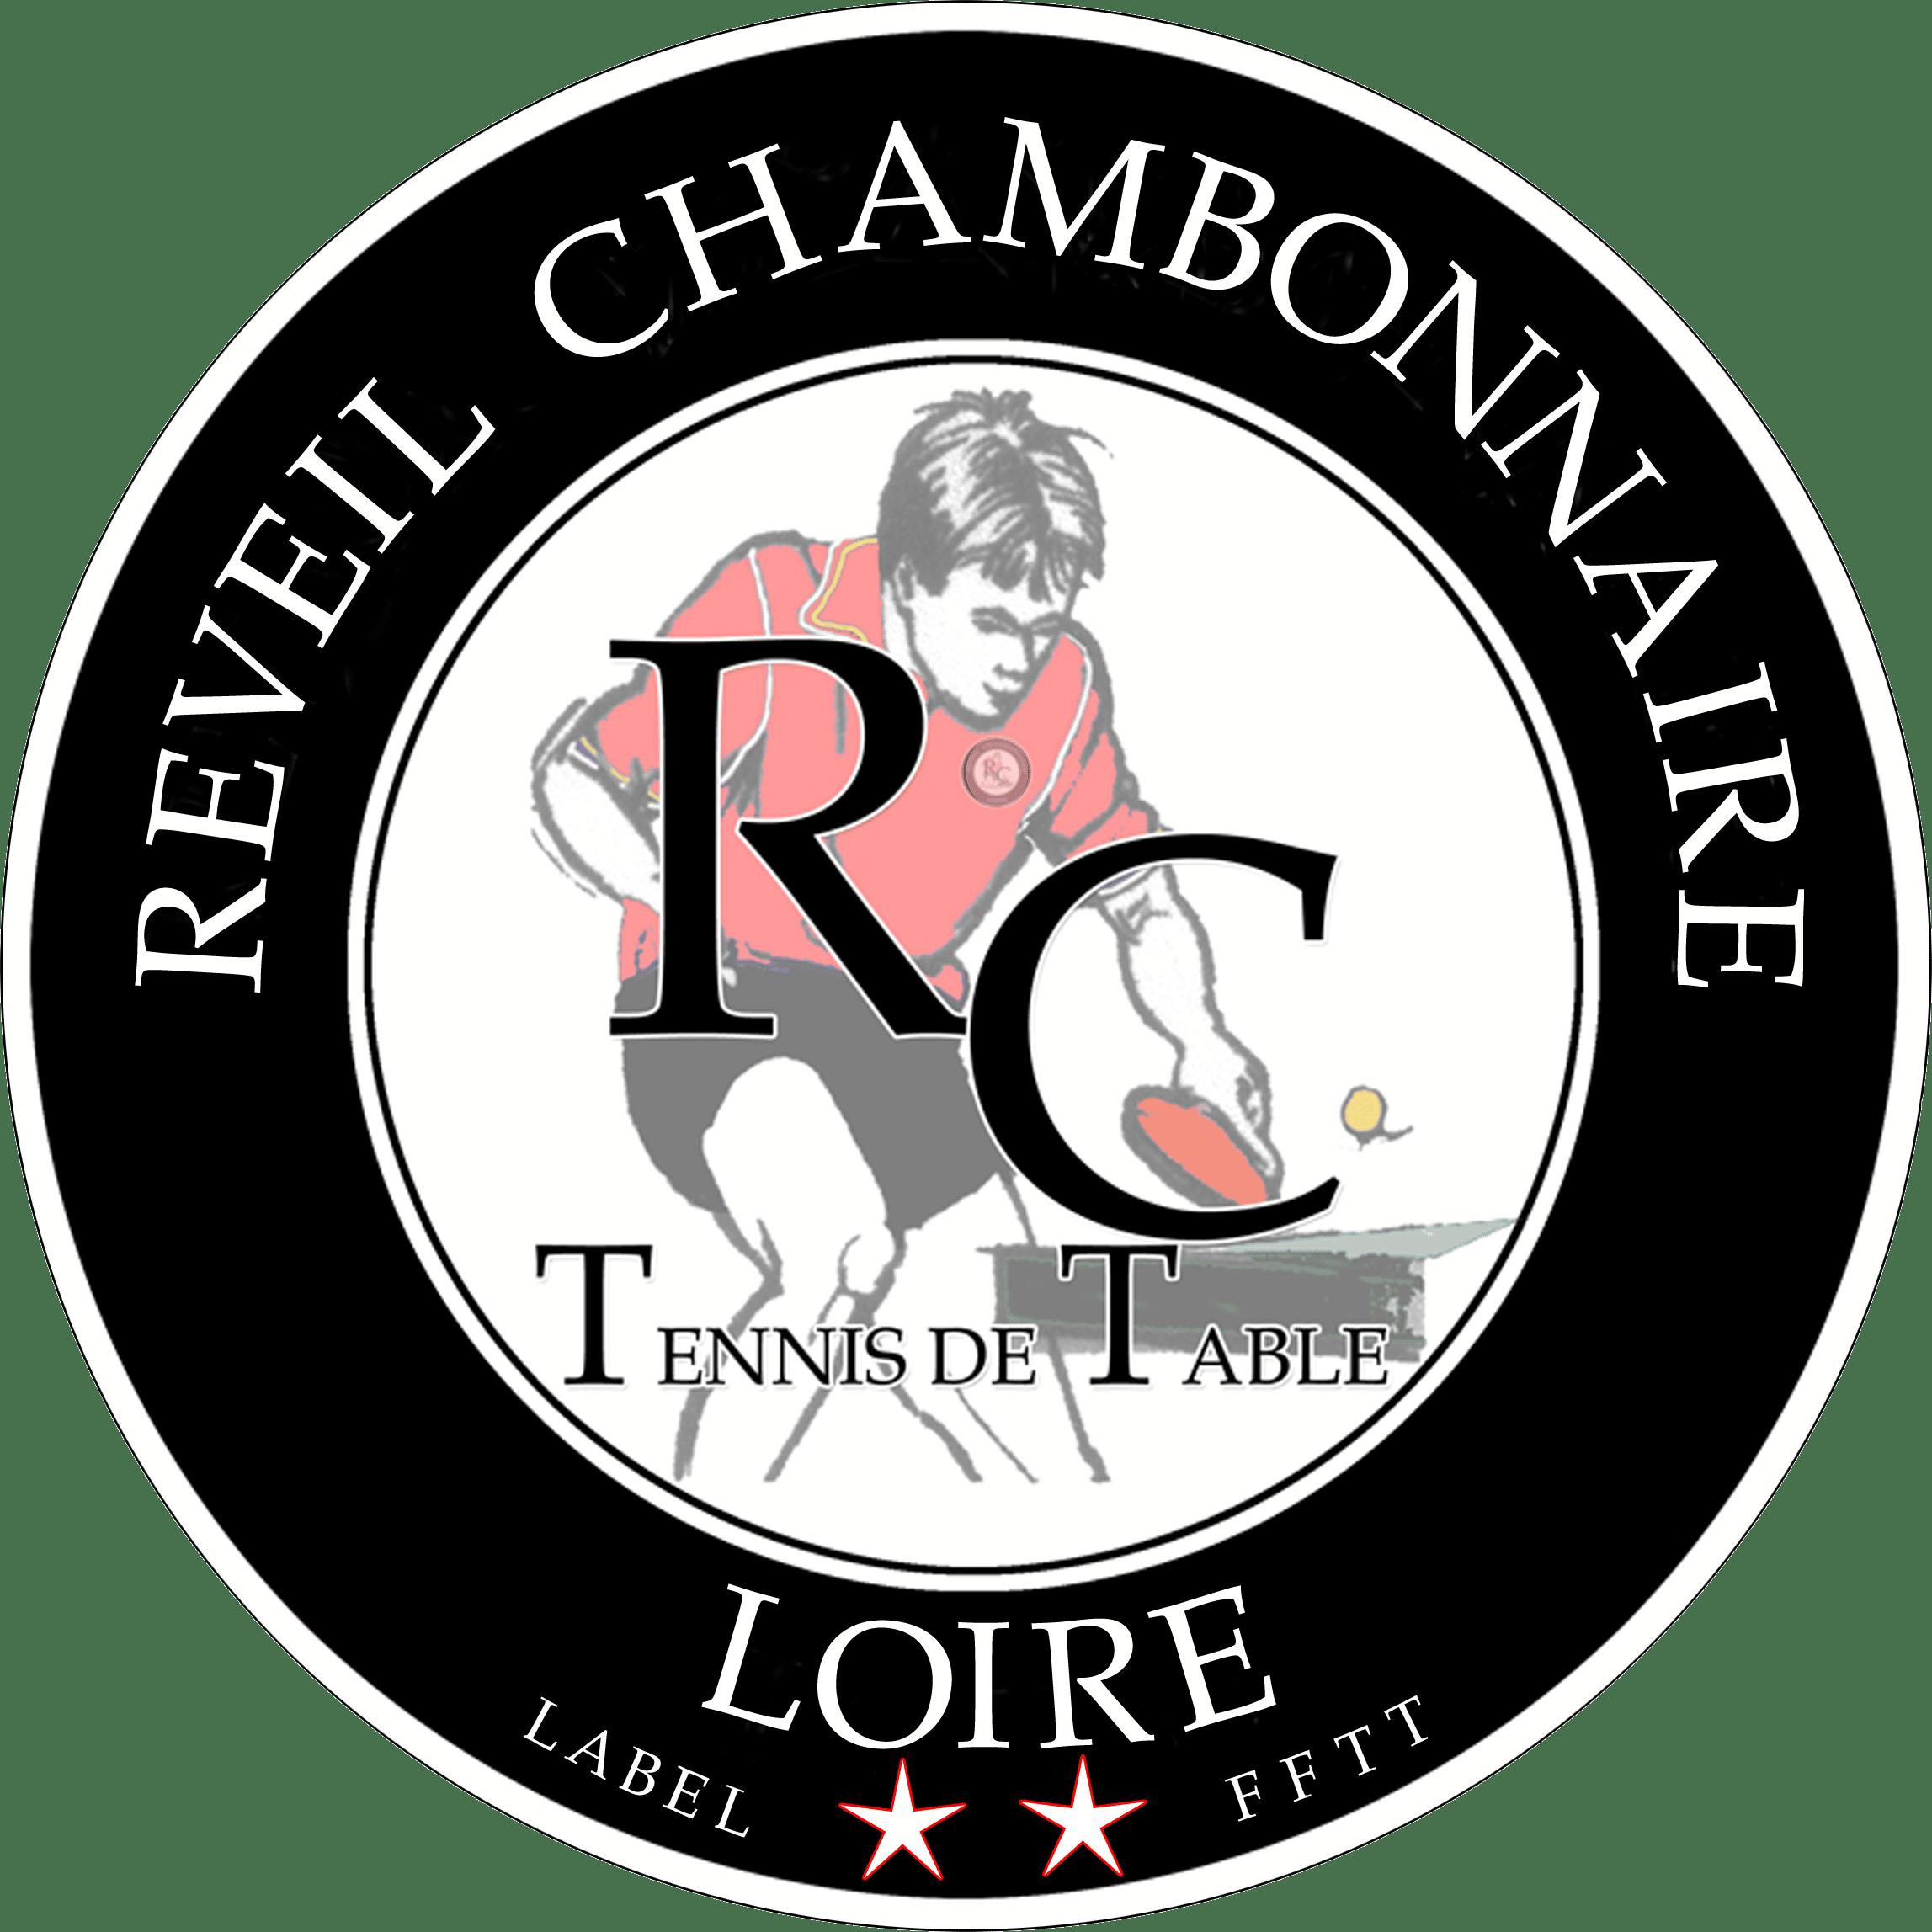 Réveil Chambonnaire Tennis de Table